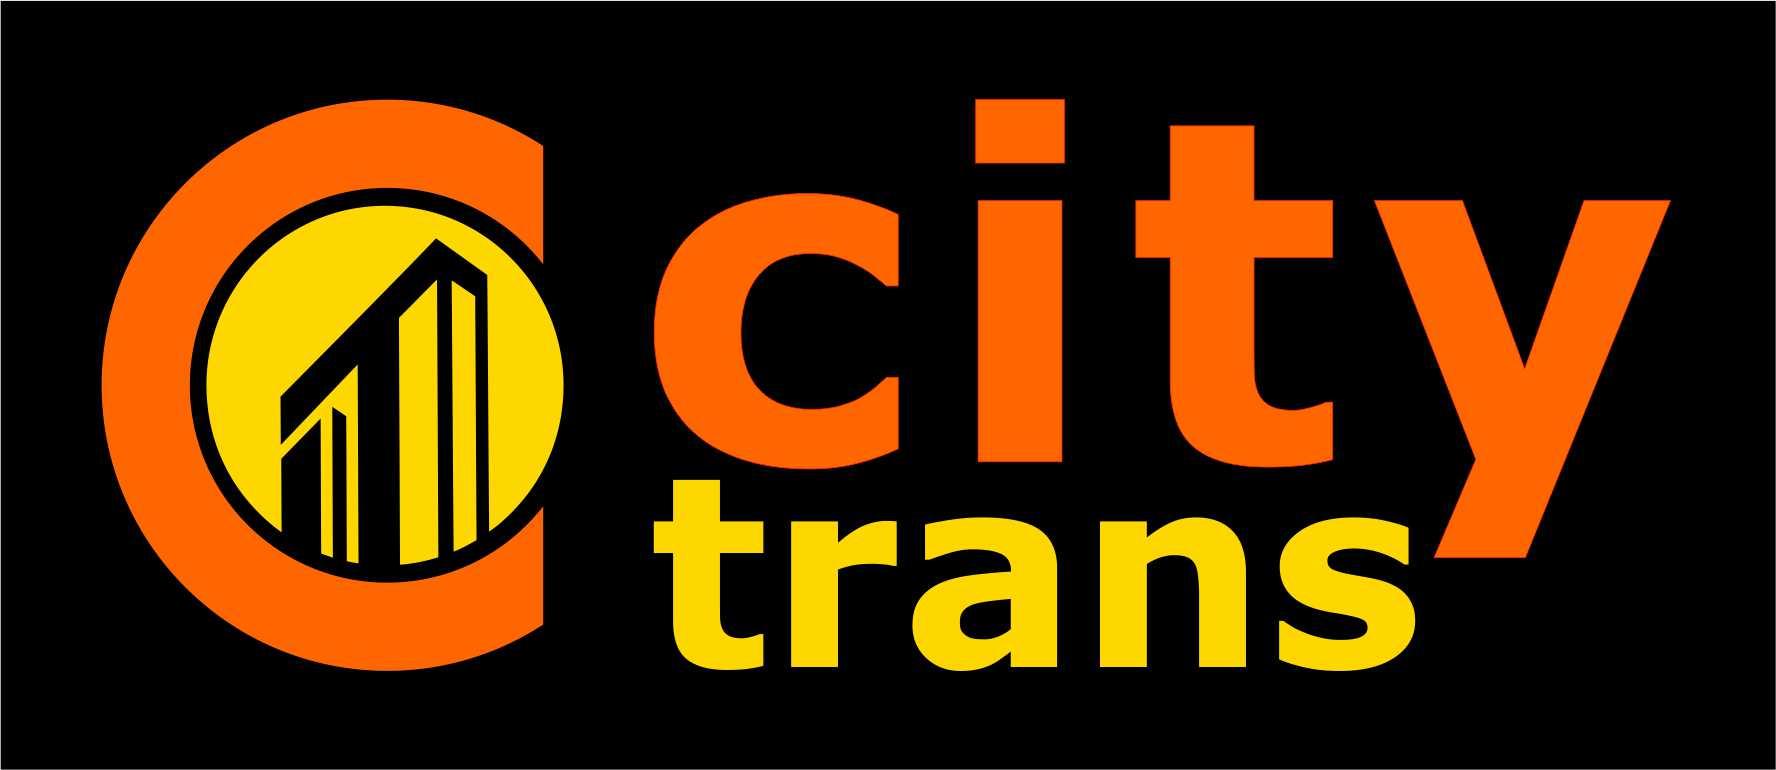 Разработка Логотипа транспортной компании фото f_5645e6fe937c4e14.jpg